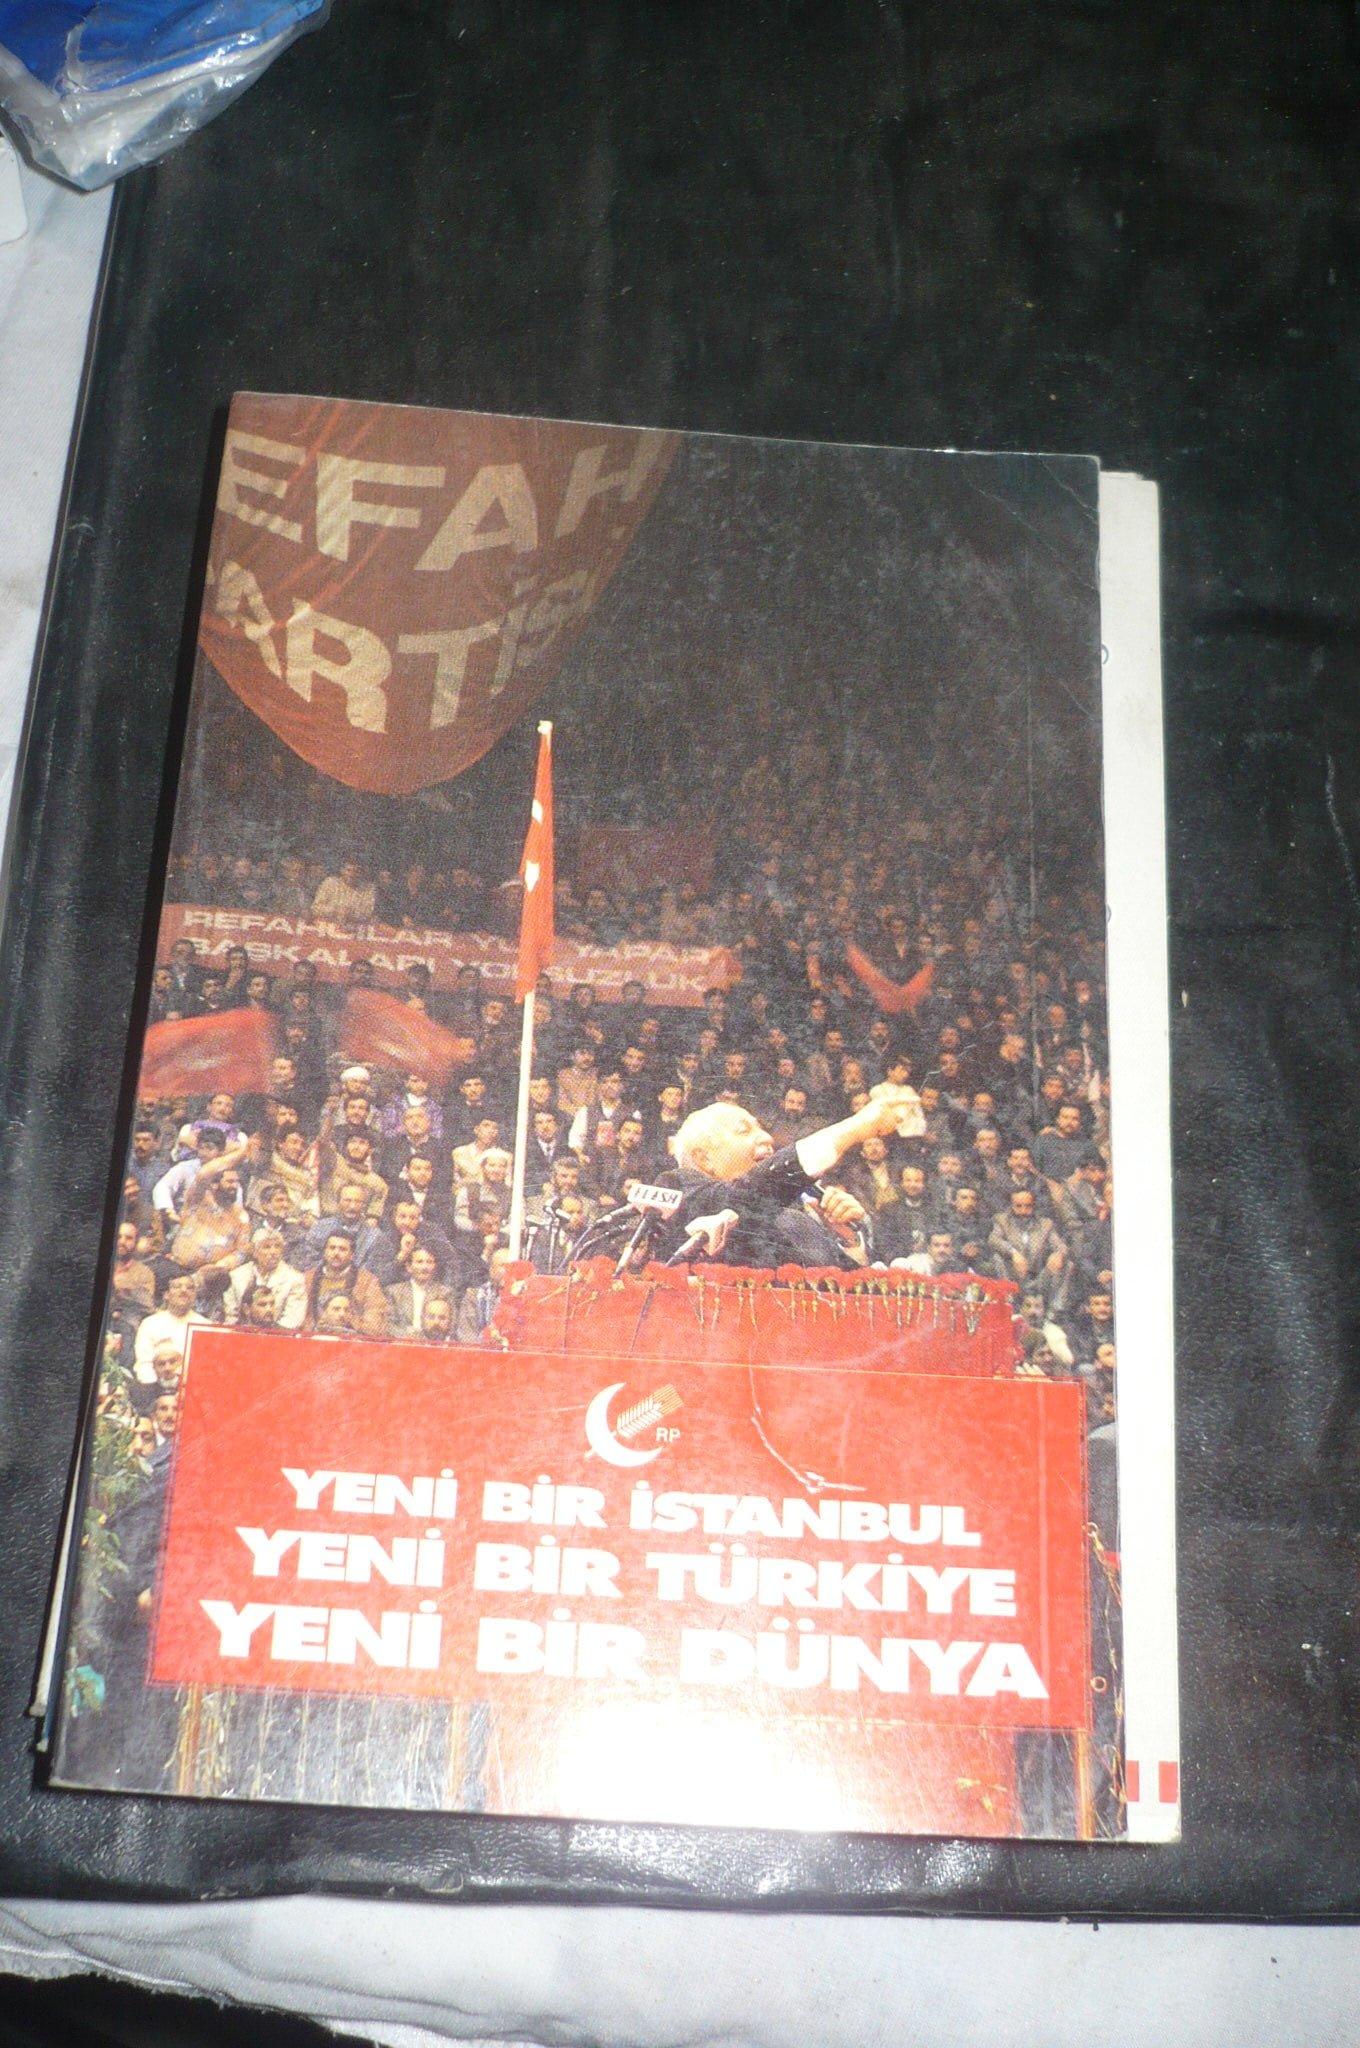 Yeni bir İstanbul,yeni bir Türkiye,yeni bir dünya/REFAH PARTİSİ BROŞÜR+1993 YILI ÇALIŞMA PROGRAMI BÜYÜK DEĞİŞİM+ 5 OLAĞAN KONGRE RAPORU/ 3 BROŞÜR.25 TL